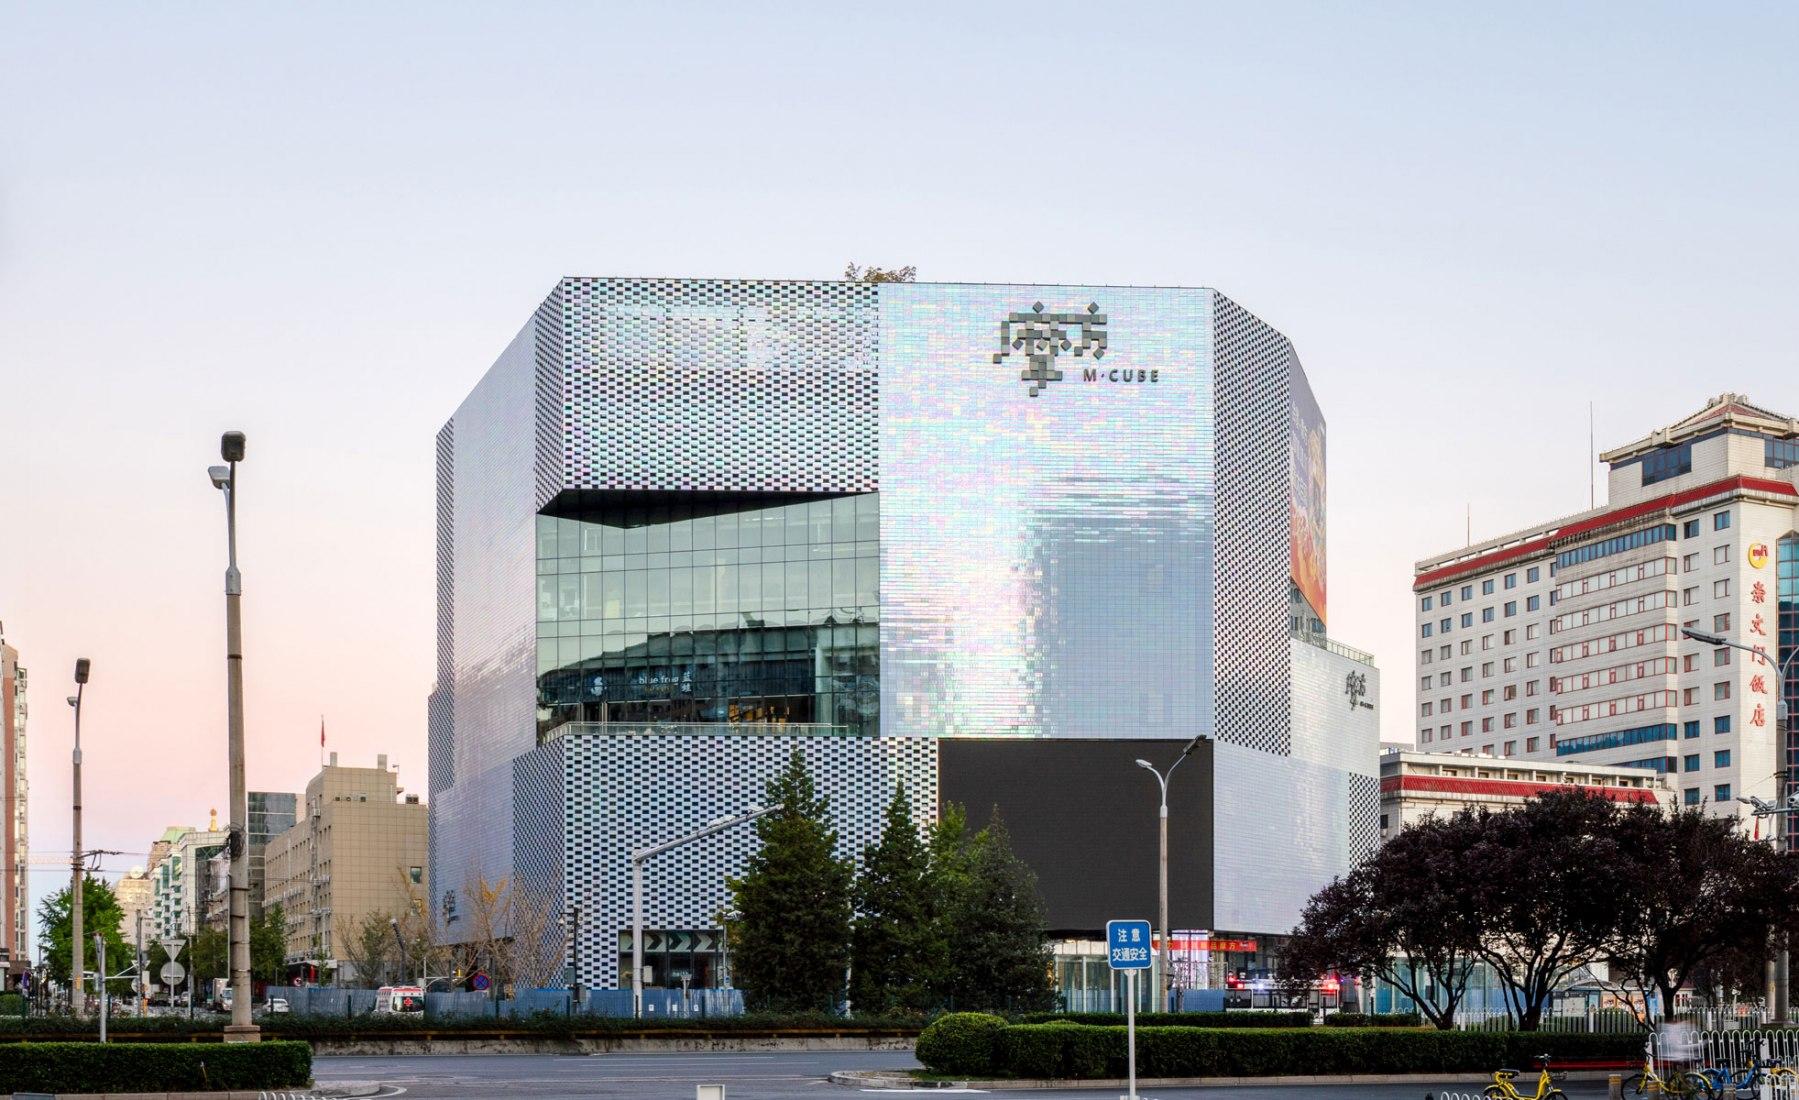 Las fachadas del edificio pueden aparecer silenciadas en gris o reflejar un espectro de colores según el ángulo de visión. KWG · M · CUBE, centro comercial diseñado por MVRDV. Fotografía por Seth Powers